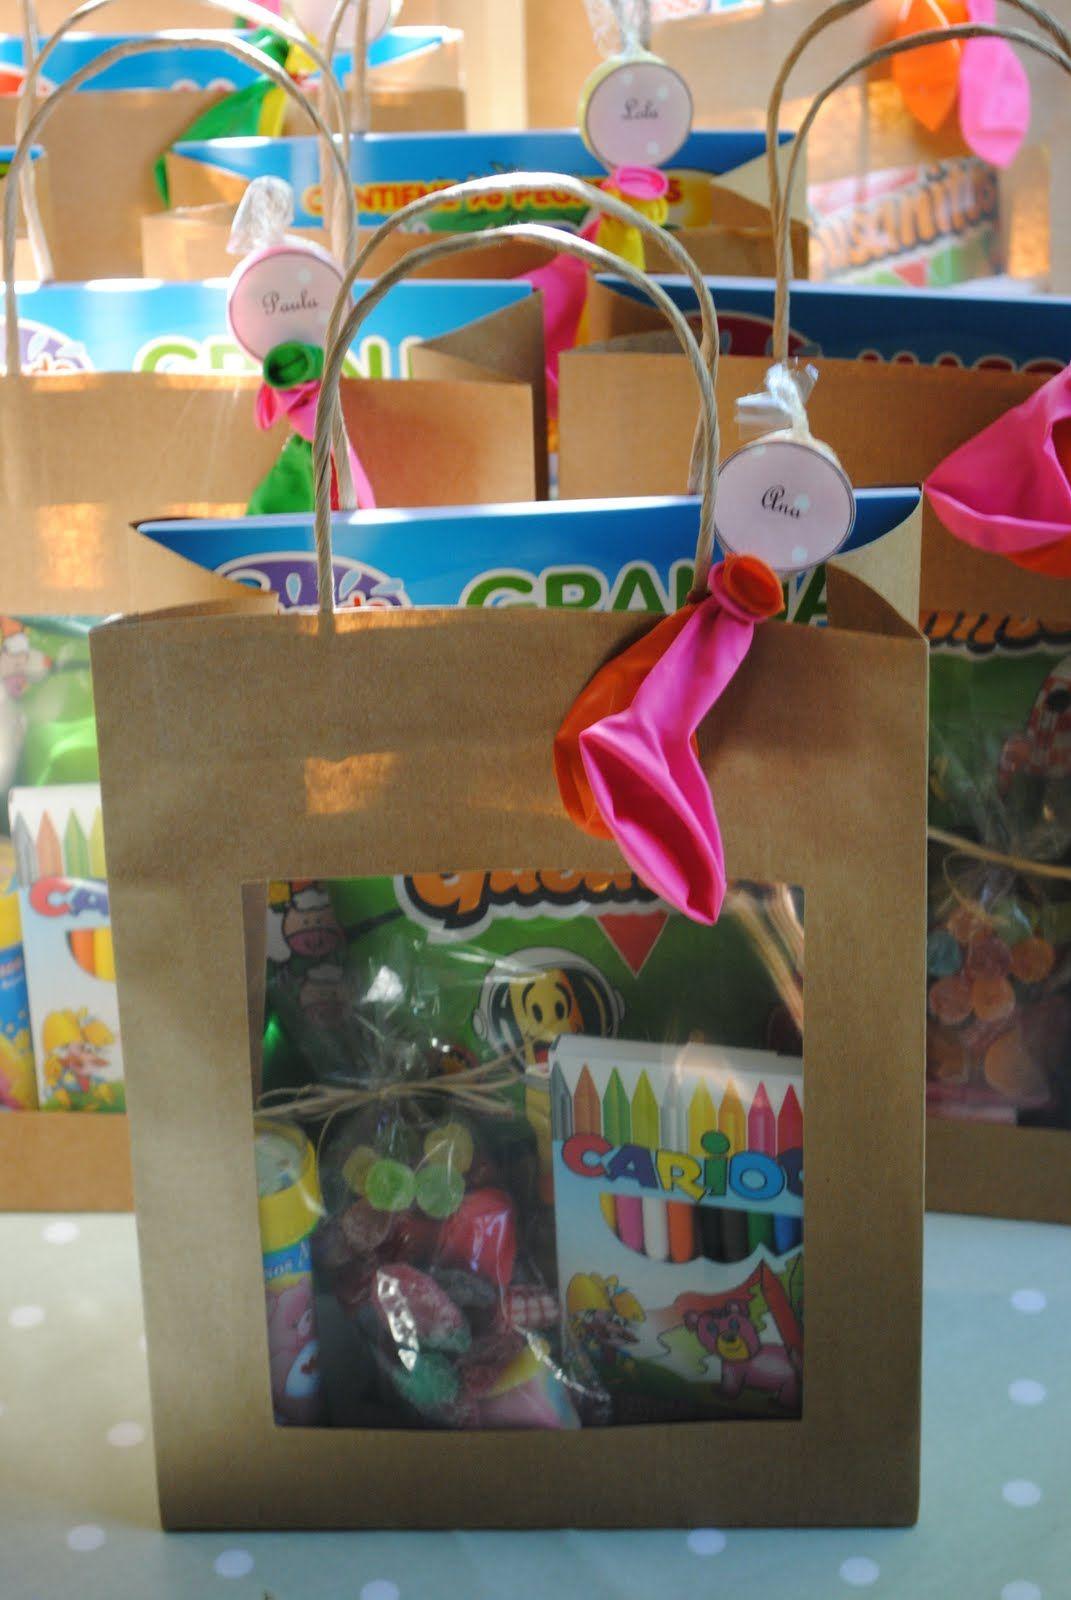 ec2f8b4ca LOS DETALLES DE BEA: 23 bolsas dulces cargadas de sorpresas para la boda de  María.